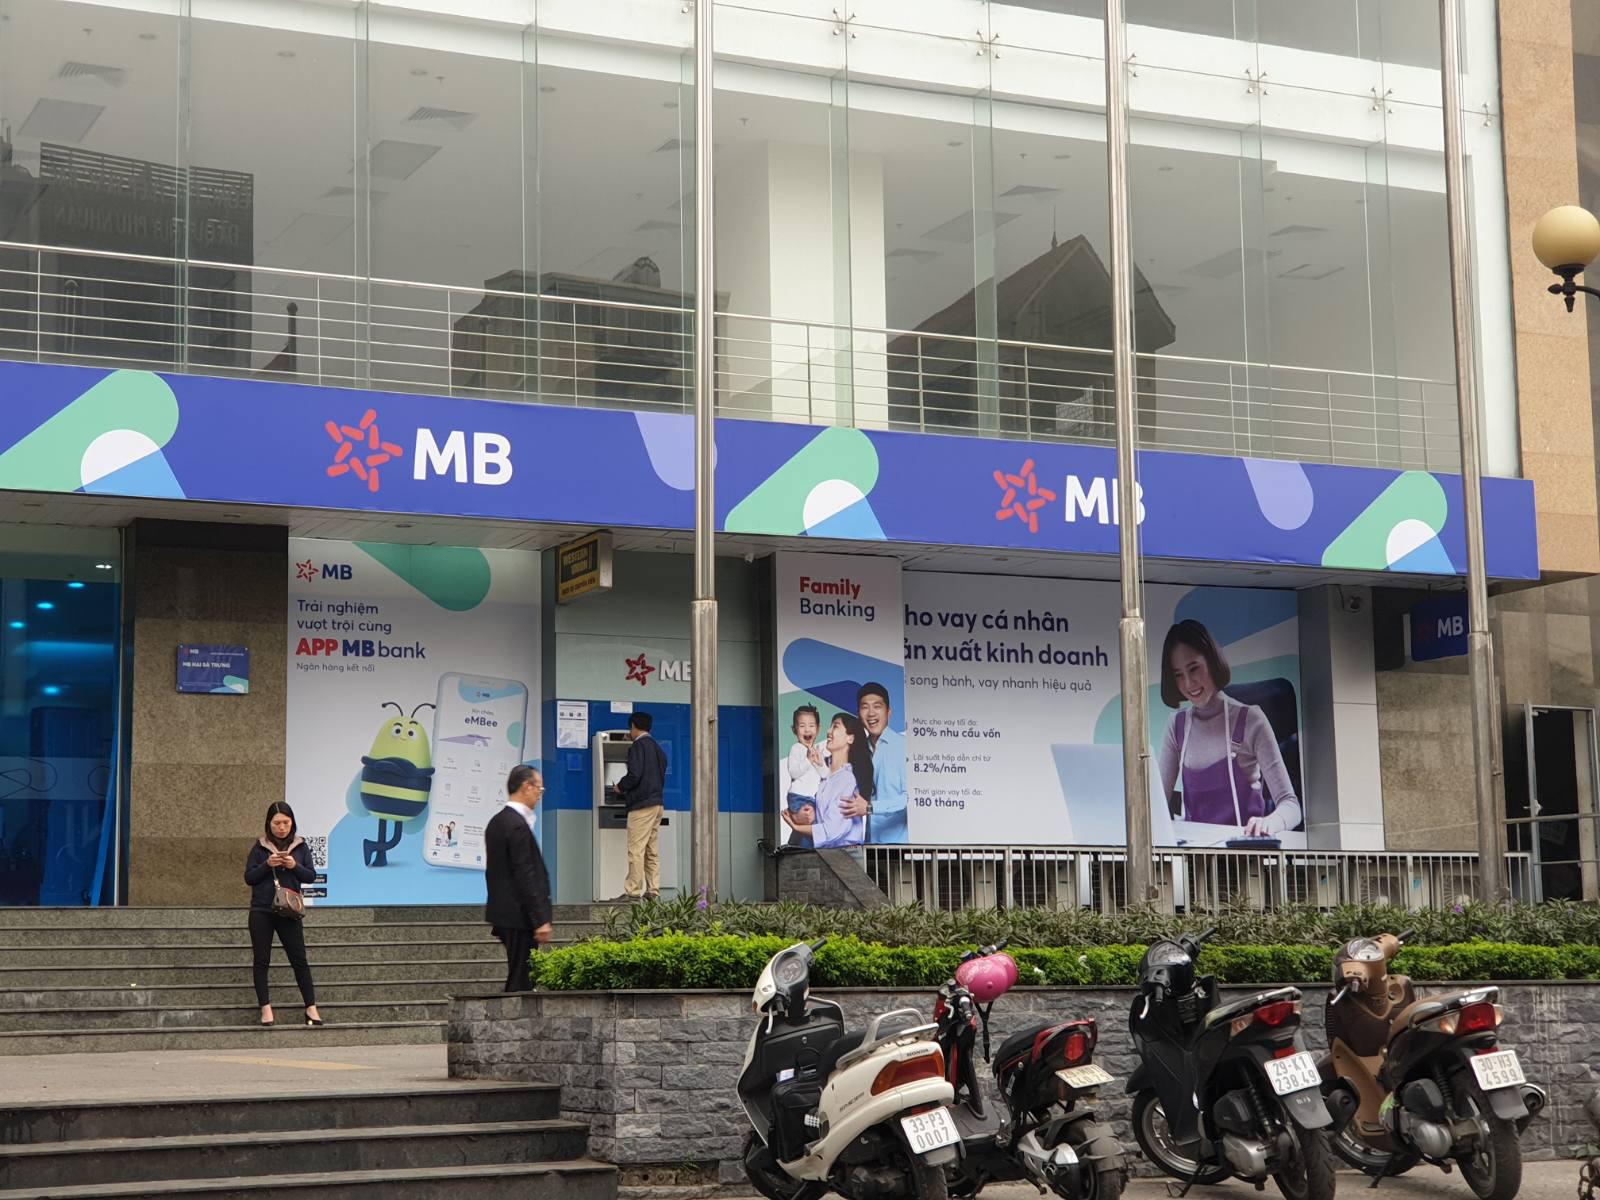 Tỷ giá ngân hàng MB mới nhất tháng 1/2020 - Ảnh 1.